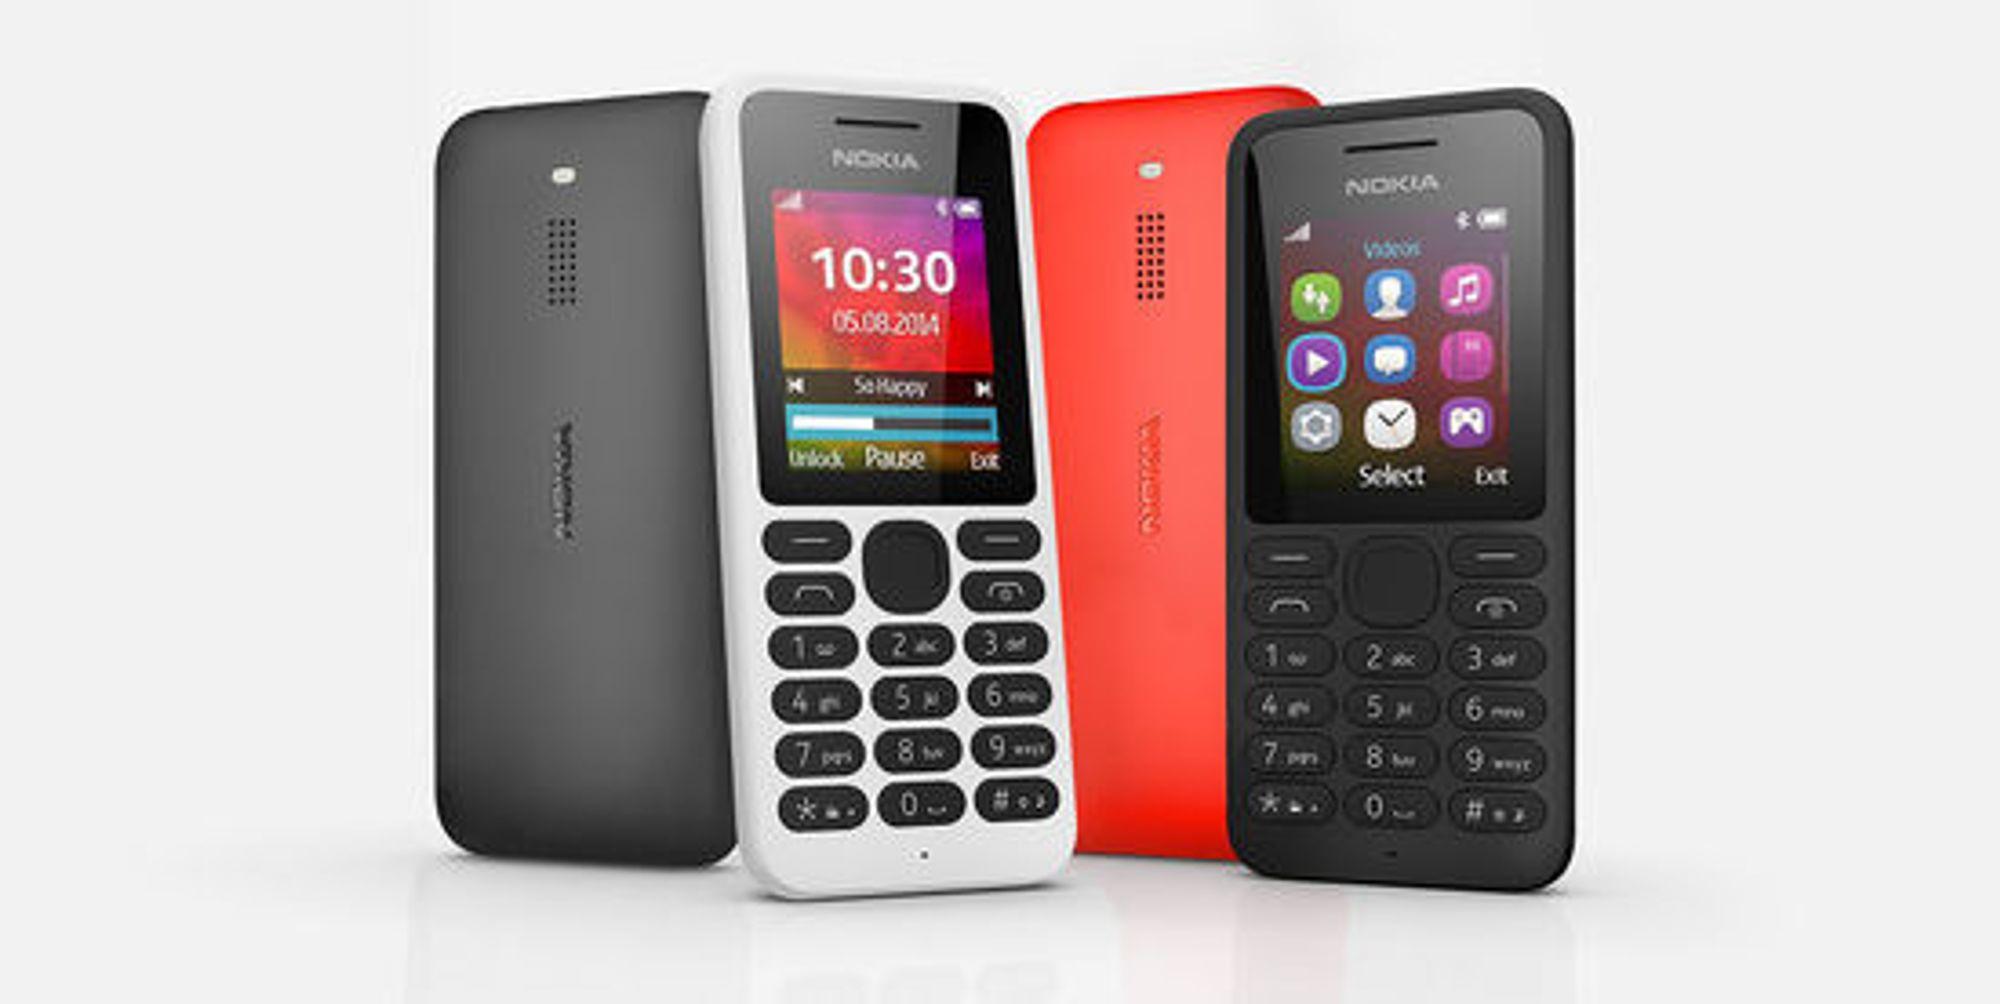 Rimelige «featurephones» som Nokia 130 vil fortsatt bruke Nokia-navnet.